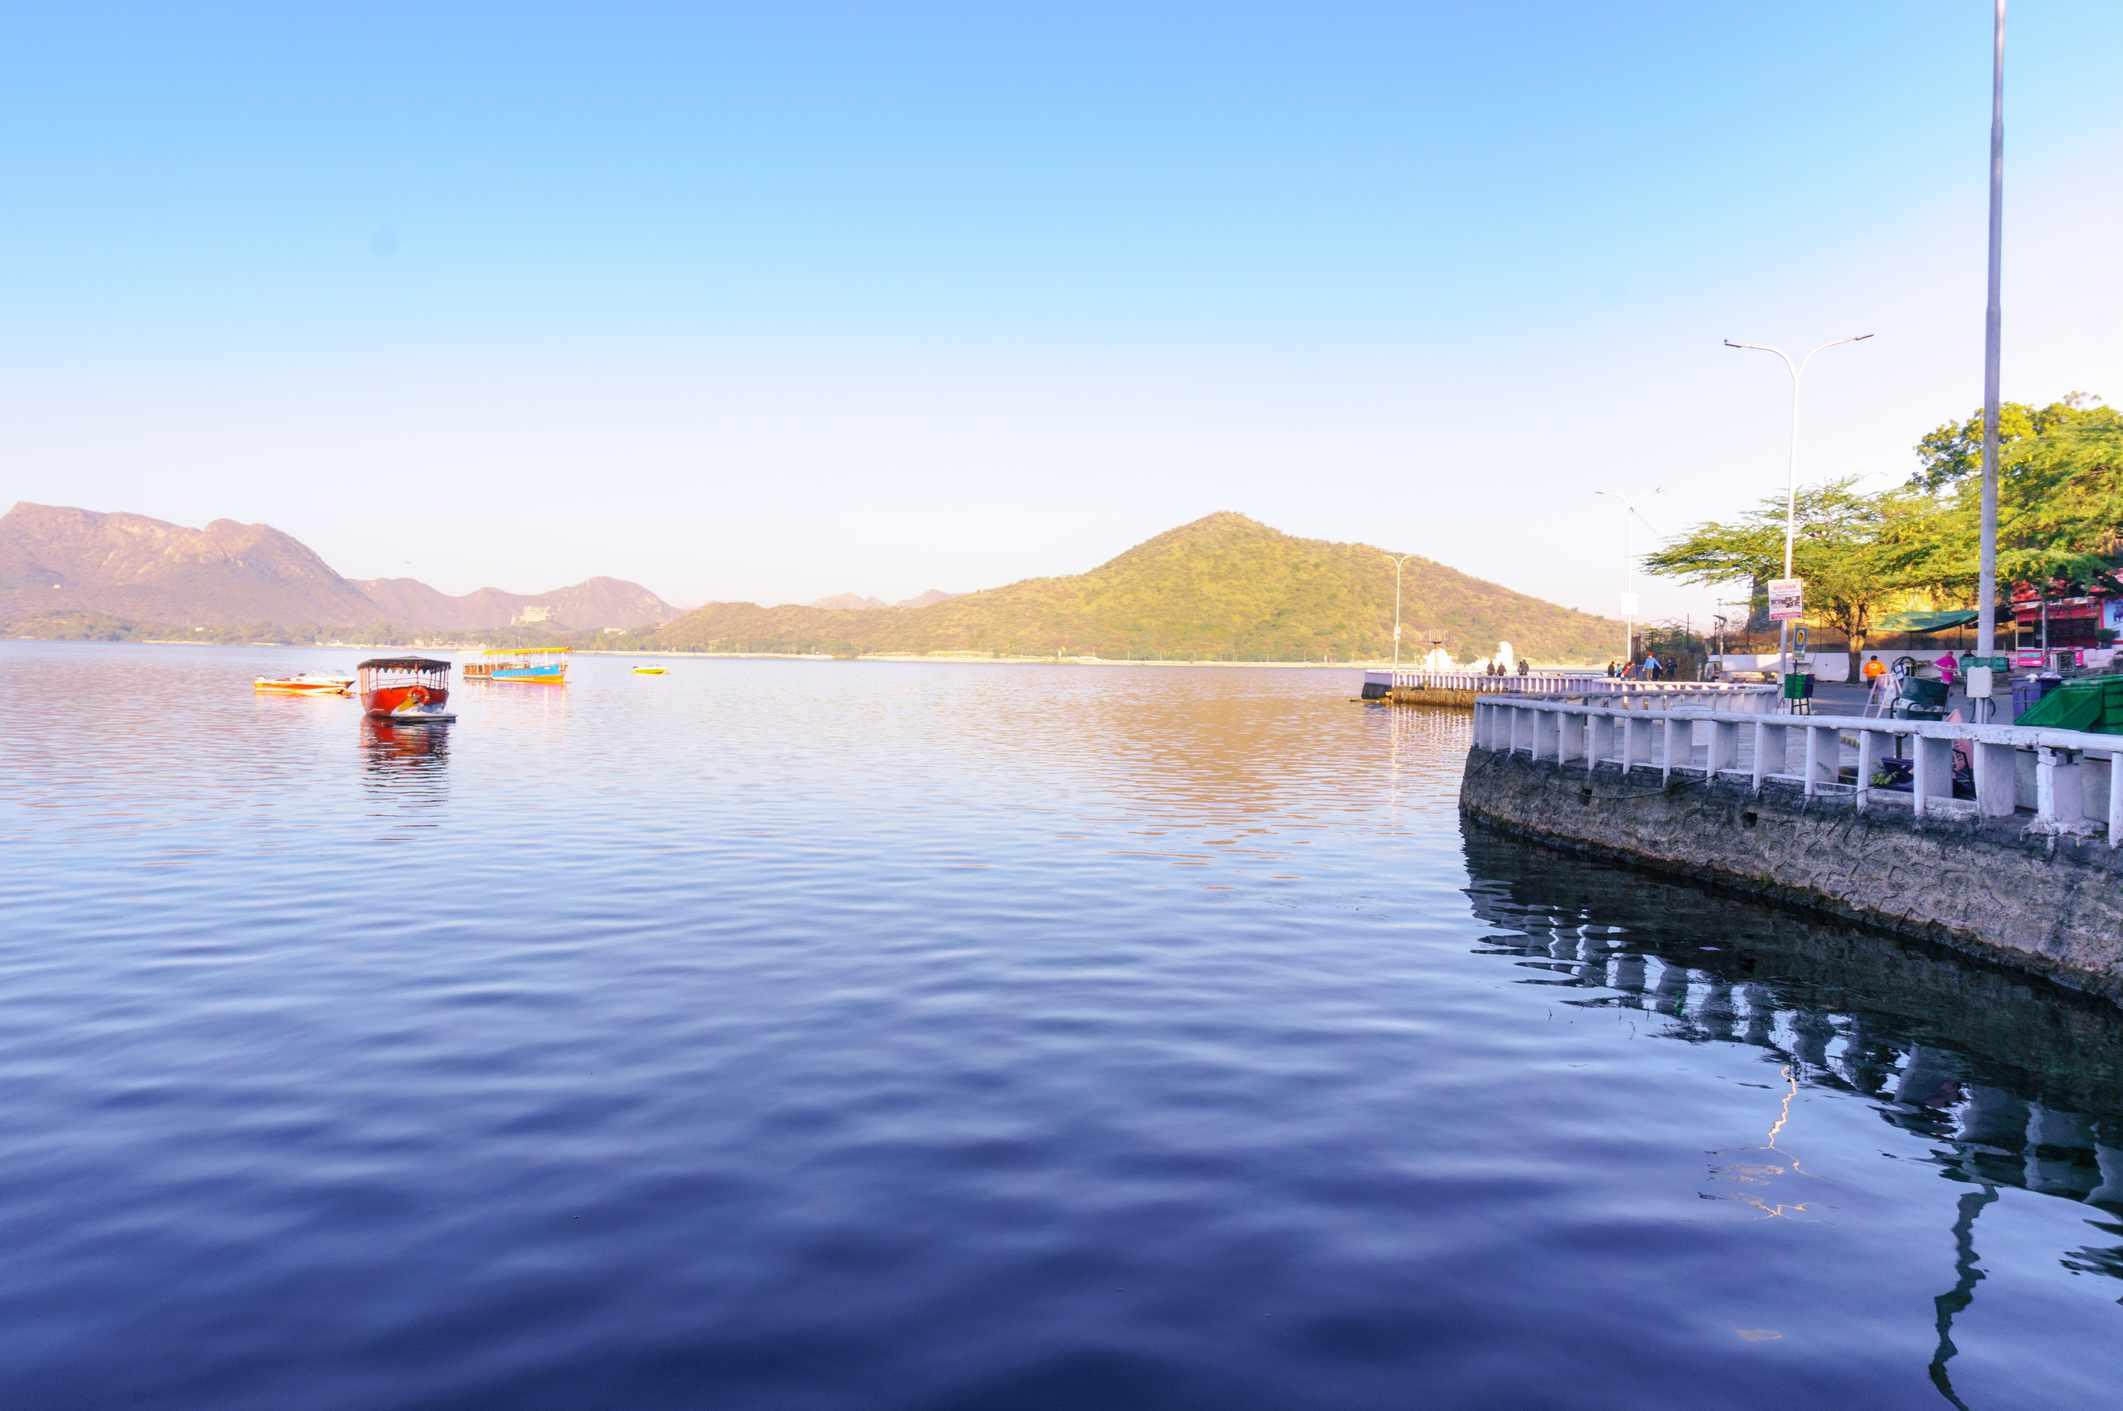 Fateh Sagar Lake, Udaipur.